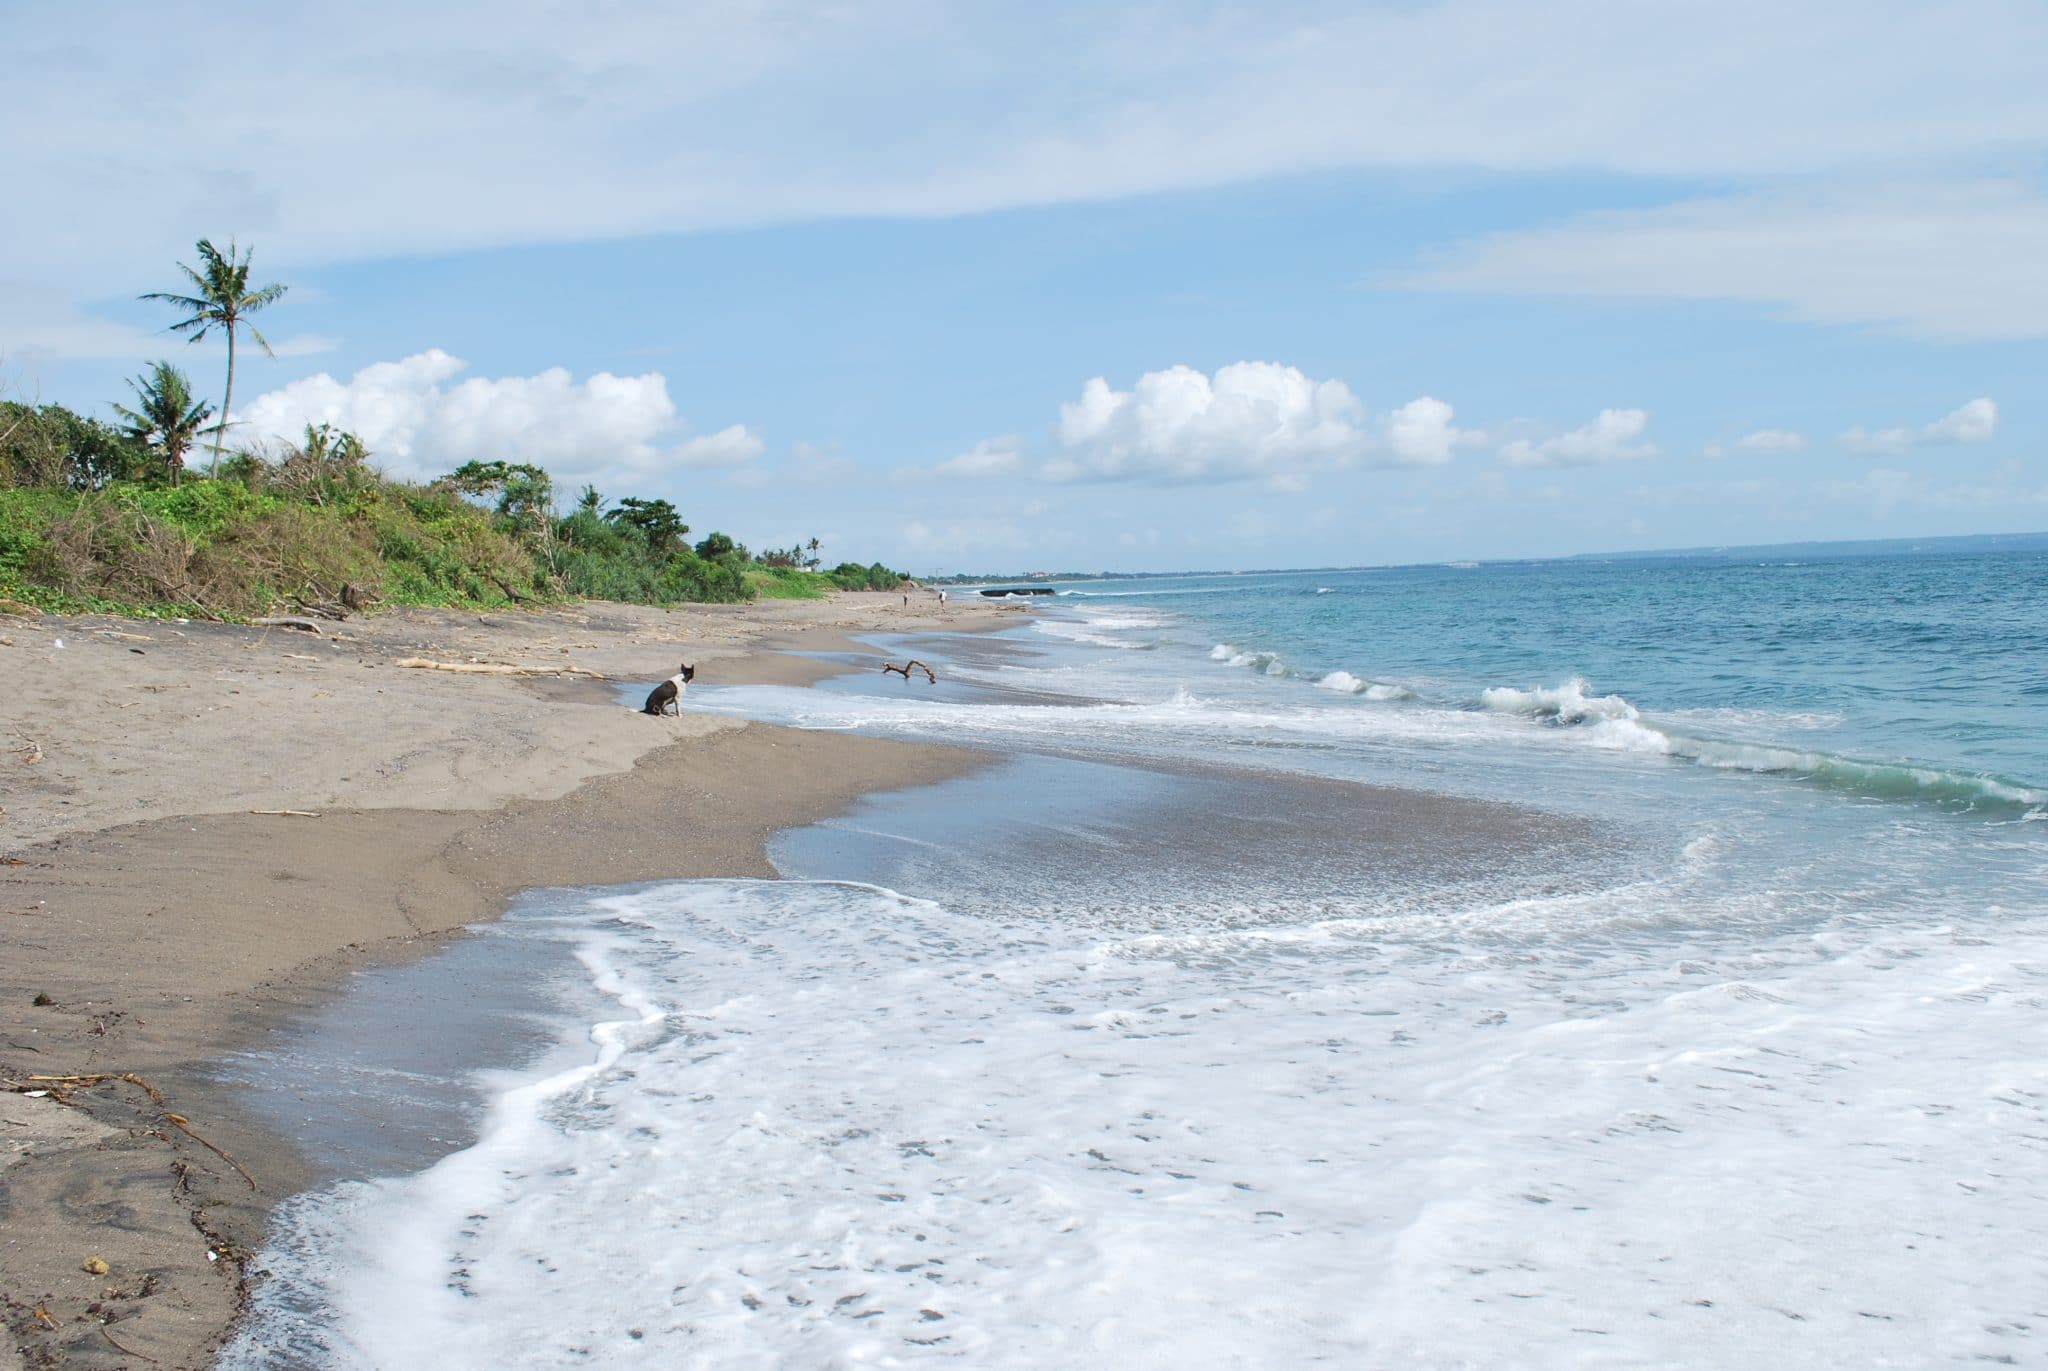 La plage de Canggu Beach